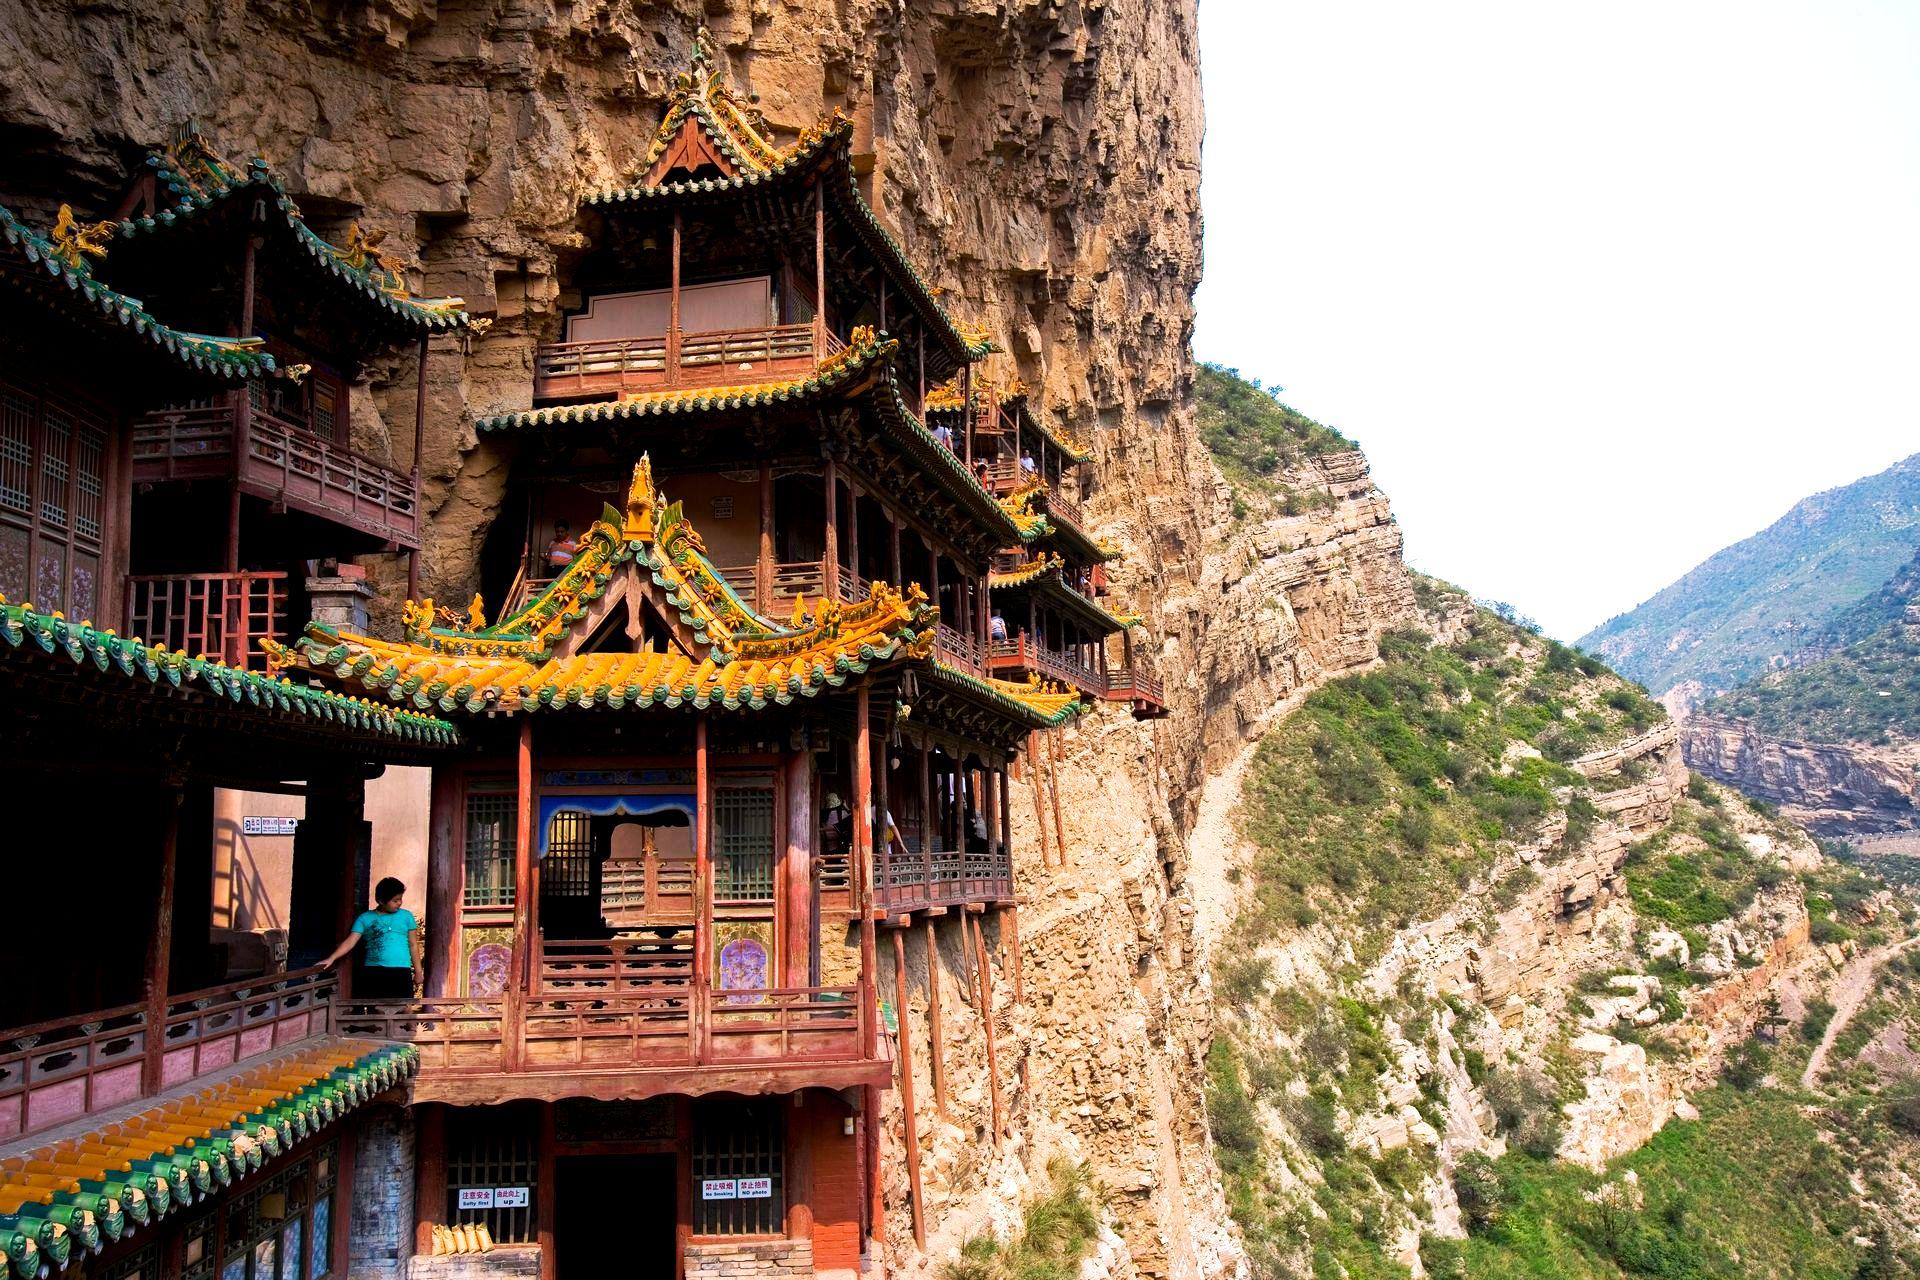 вид на окрестности висячего монастырян